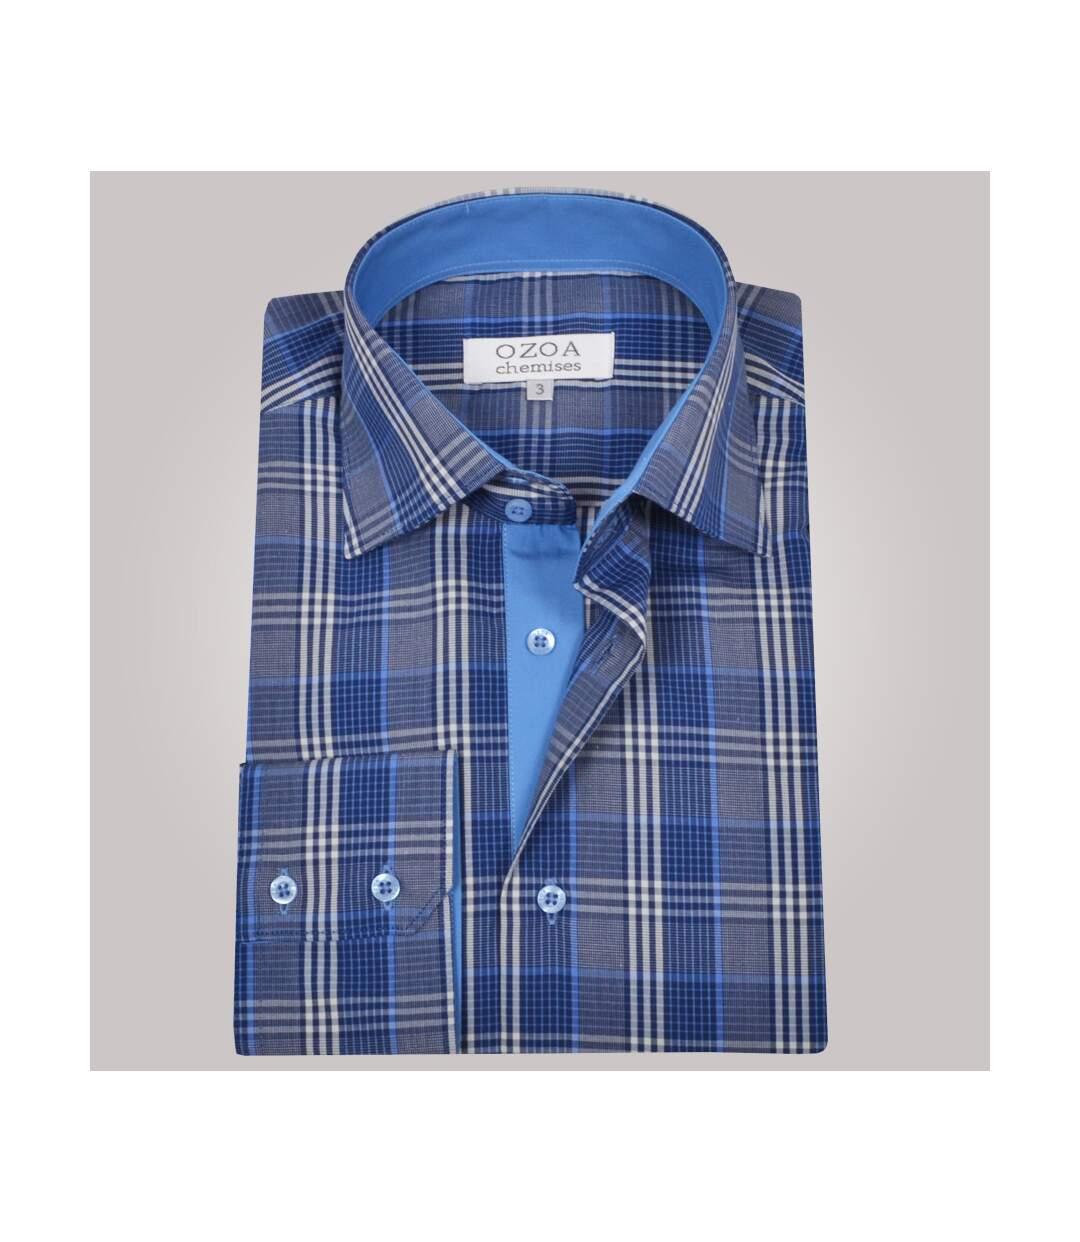 Chemise homme à carreaux bleus et blancs intérieur bleu - Chemise CINTRÉE